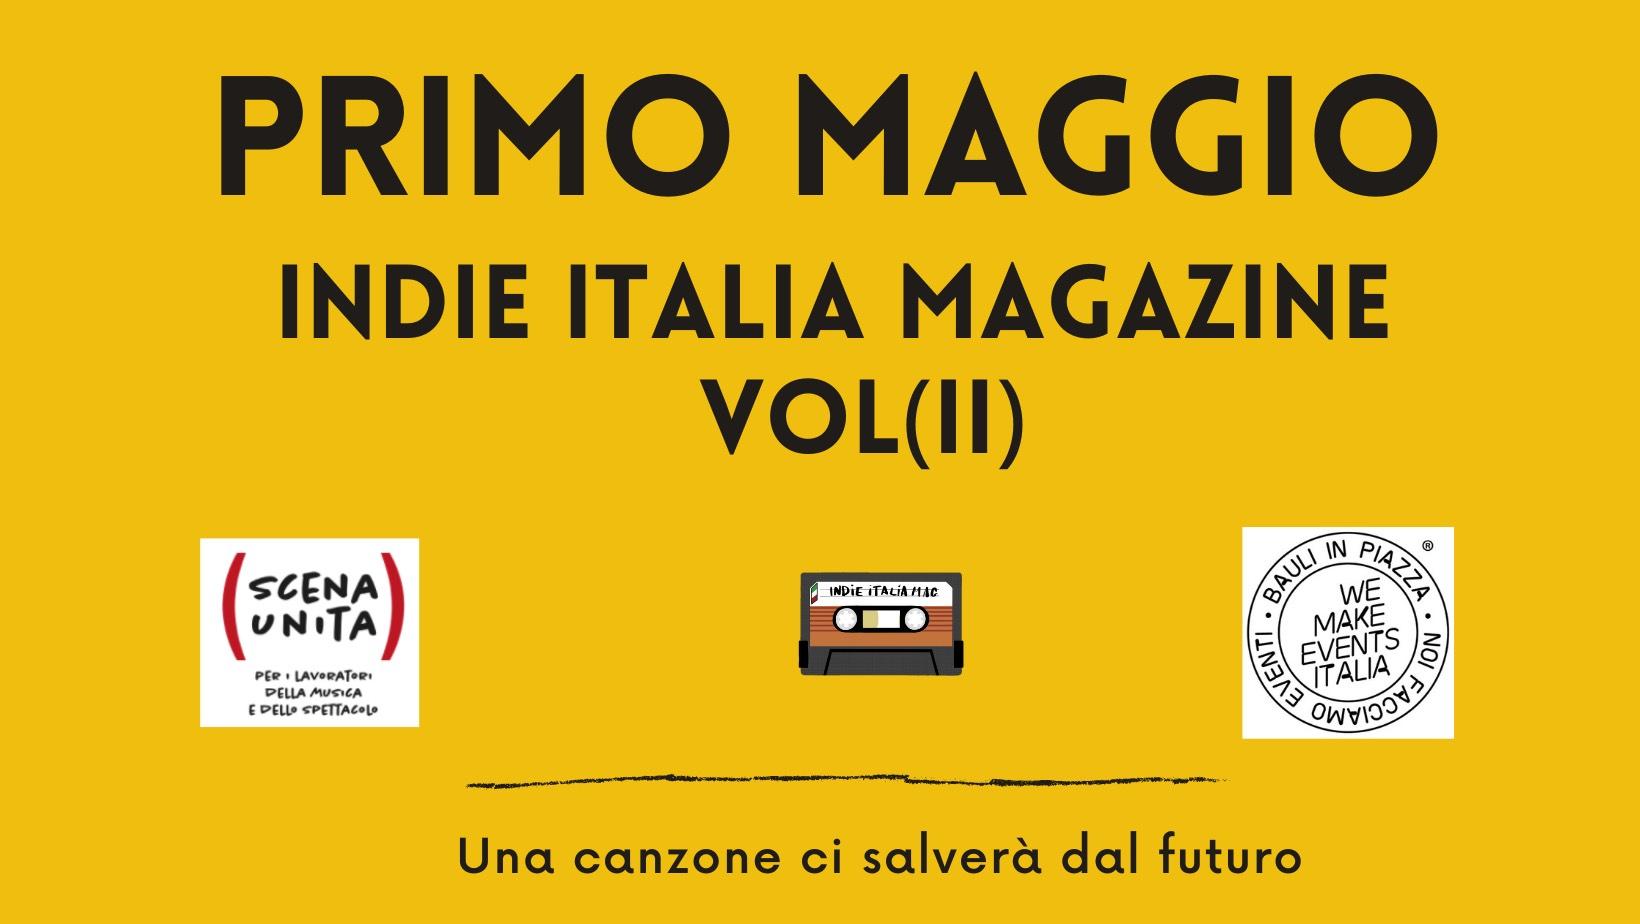 Il 1 maggio virtuale di Indie Italia Magazine